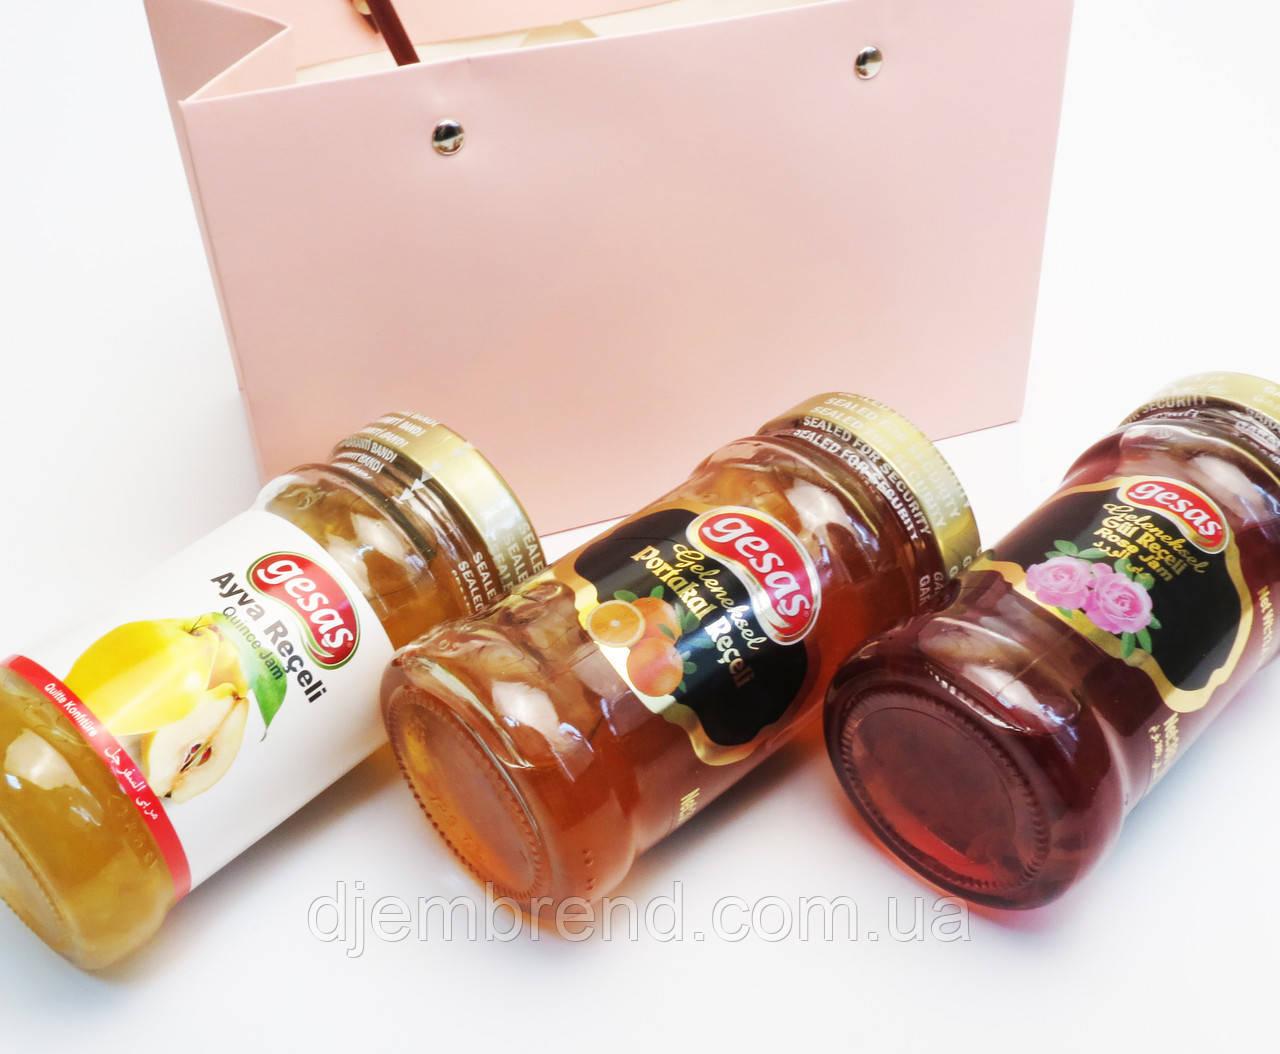 Подарочный набор из трех видов варенья Gesas, к Новому году